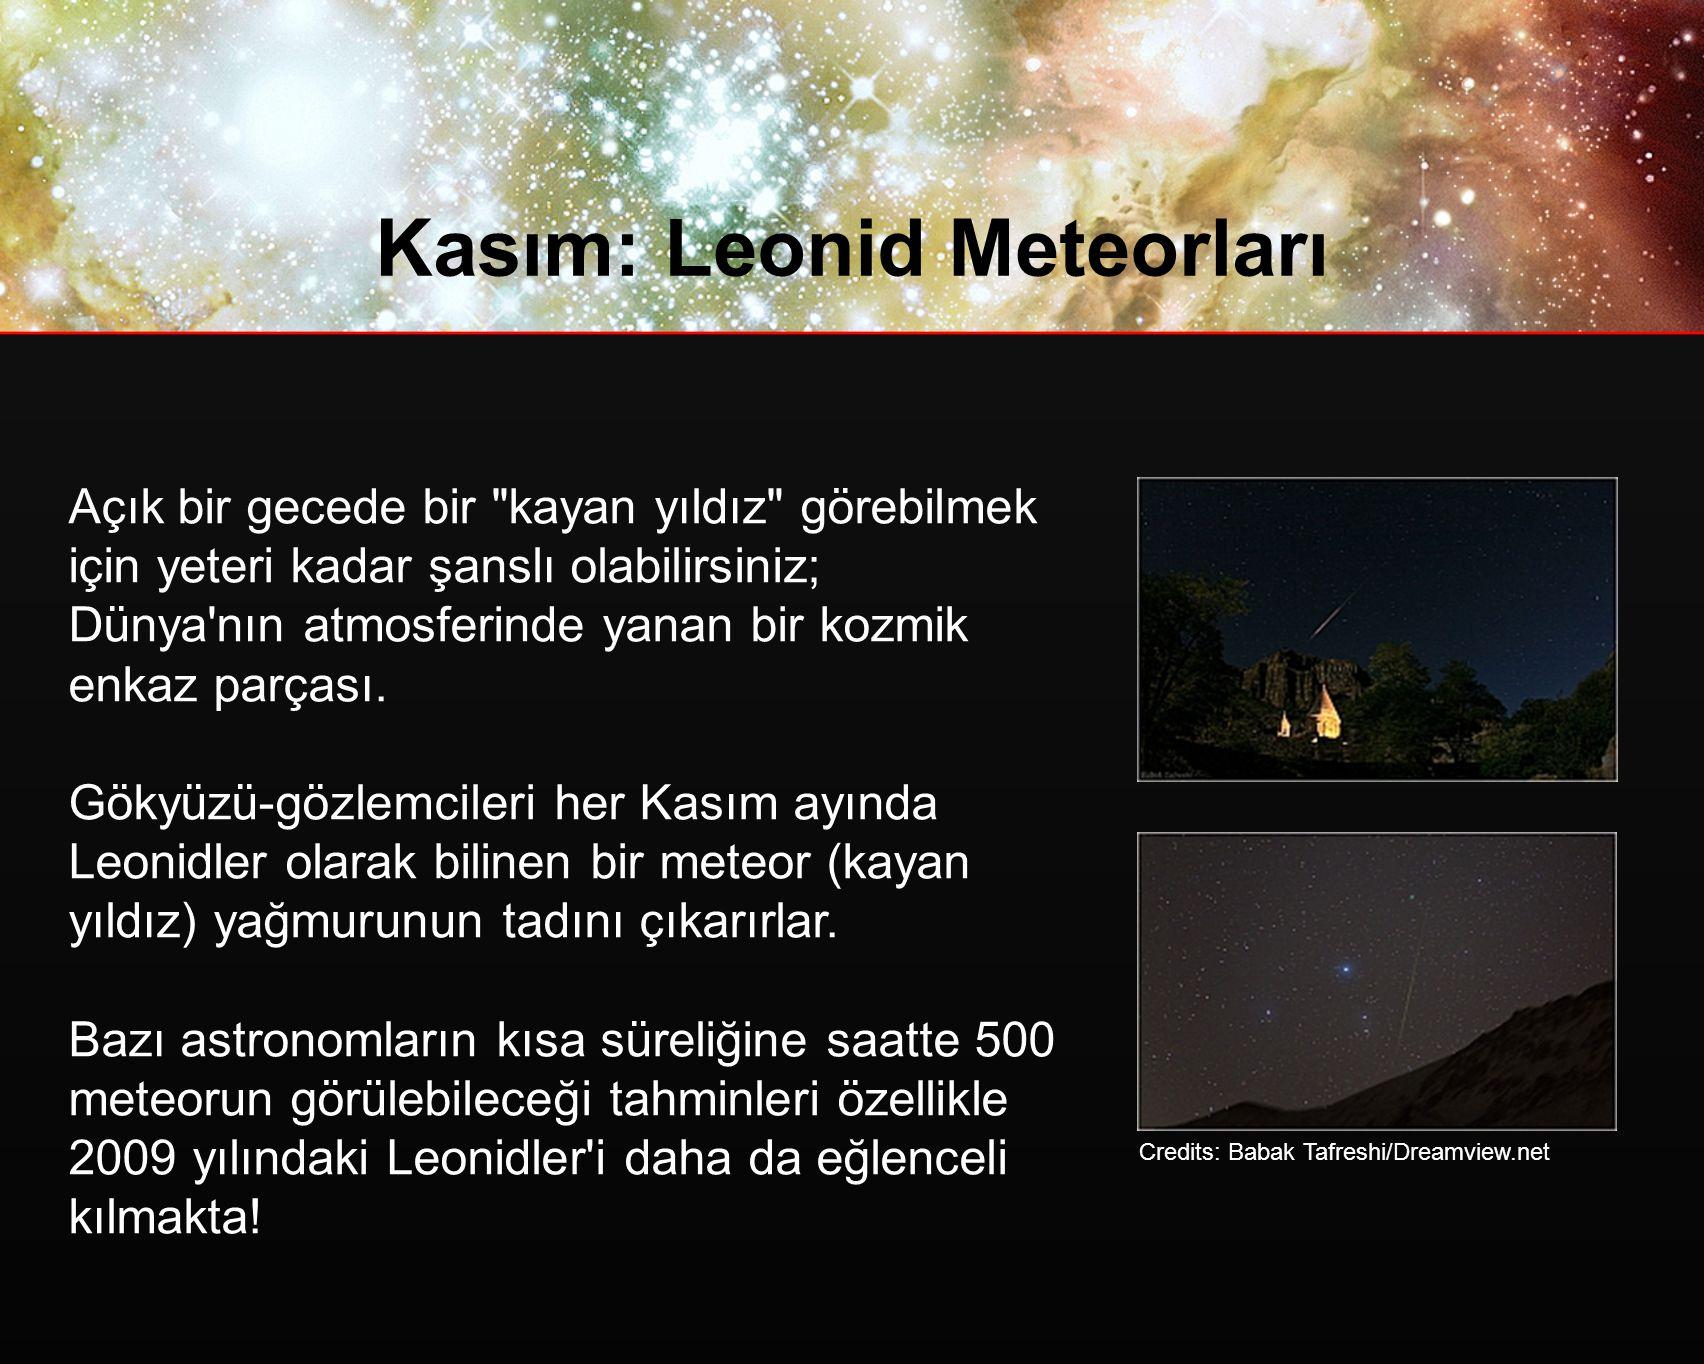 Kasım: Leonid Meteorları Açık bir gecede bir kayan yıldız görebilmek için yeteri kadar şanslı olabilirsiniz; Dünya nın atmosferinde yanan bir kozmik enkaz parçası.